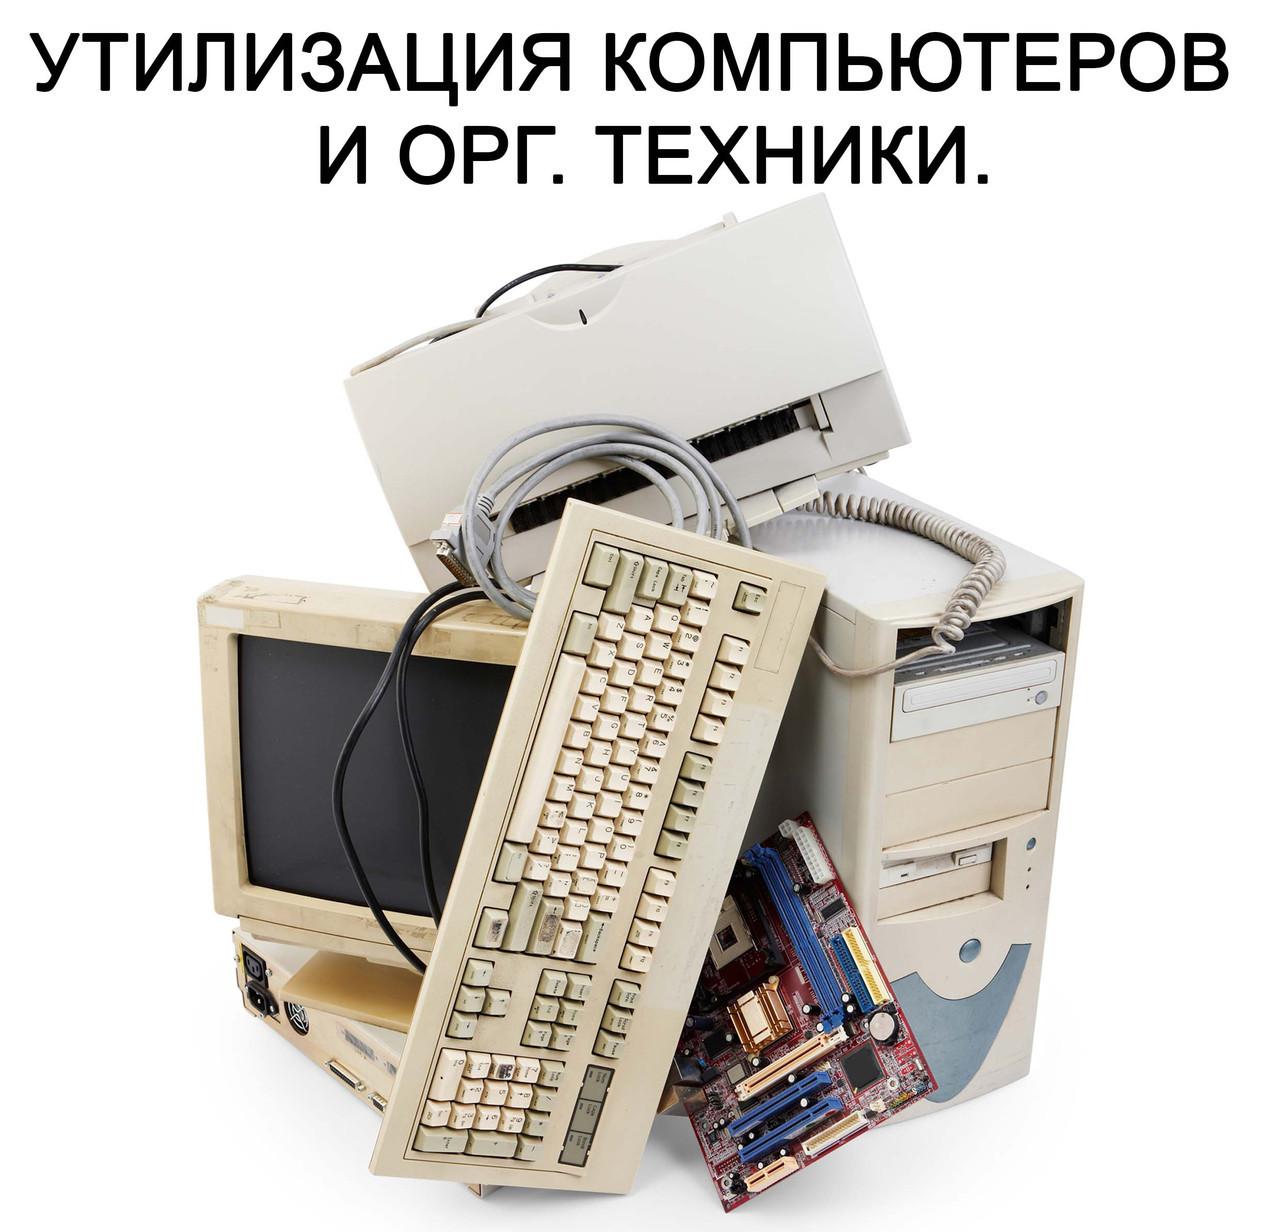 Утилизация компьютеров и орг. техники